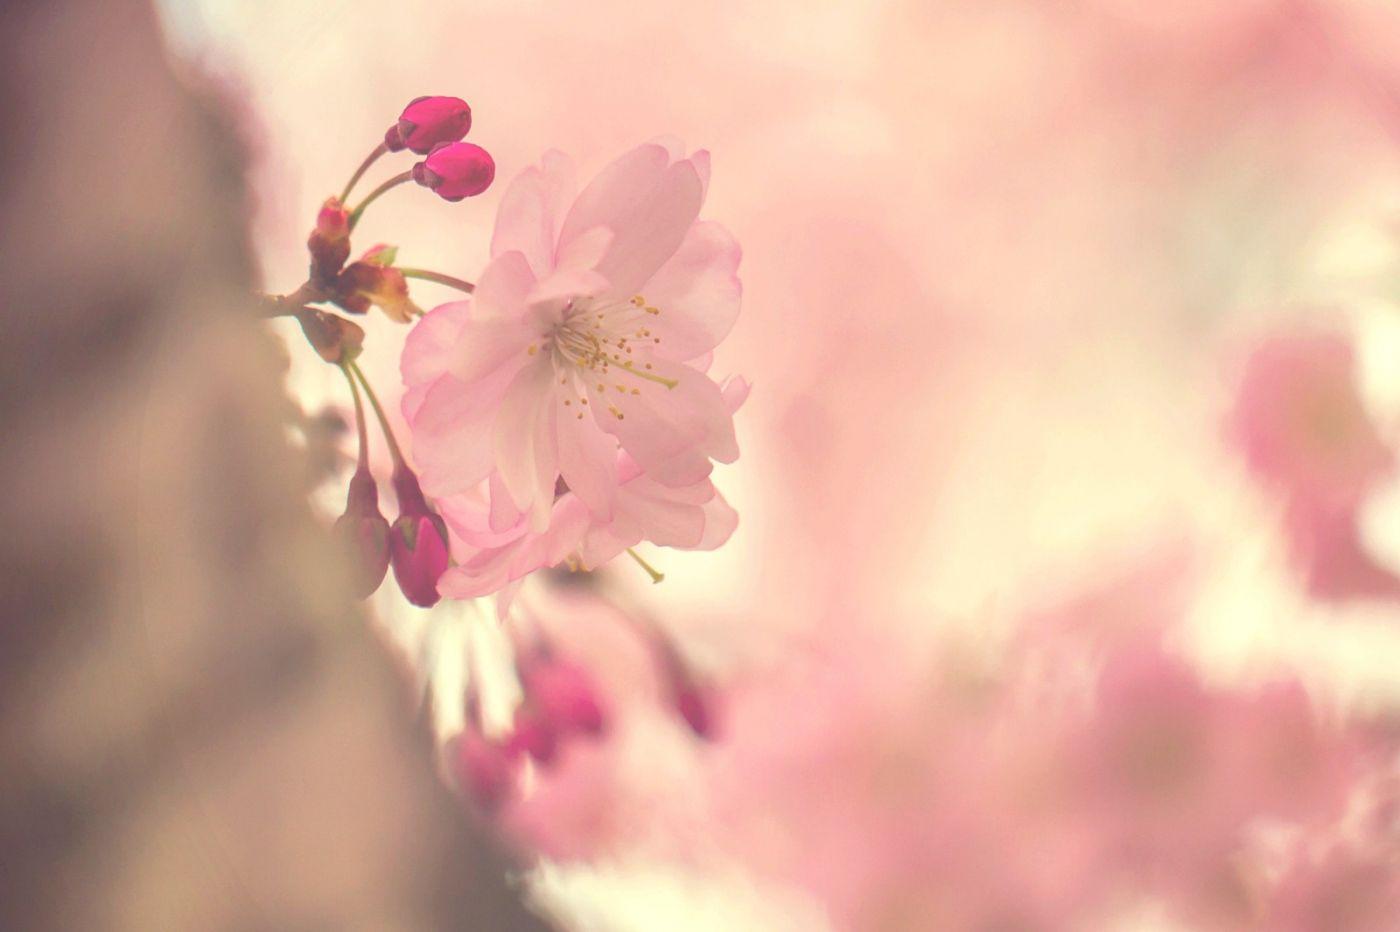 粉红的水嫩的,好看极了_图1-25